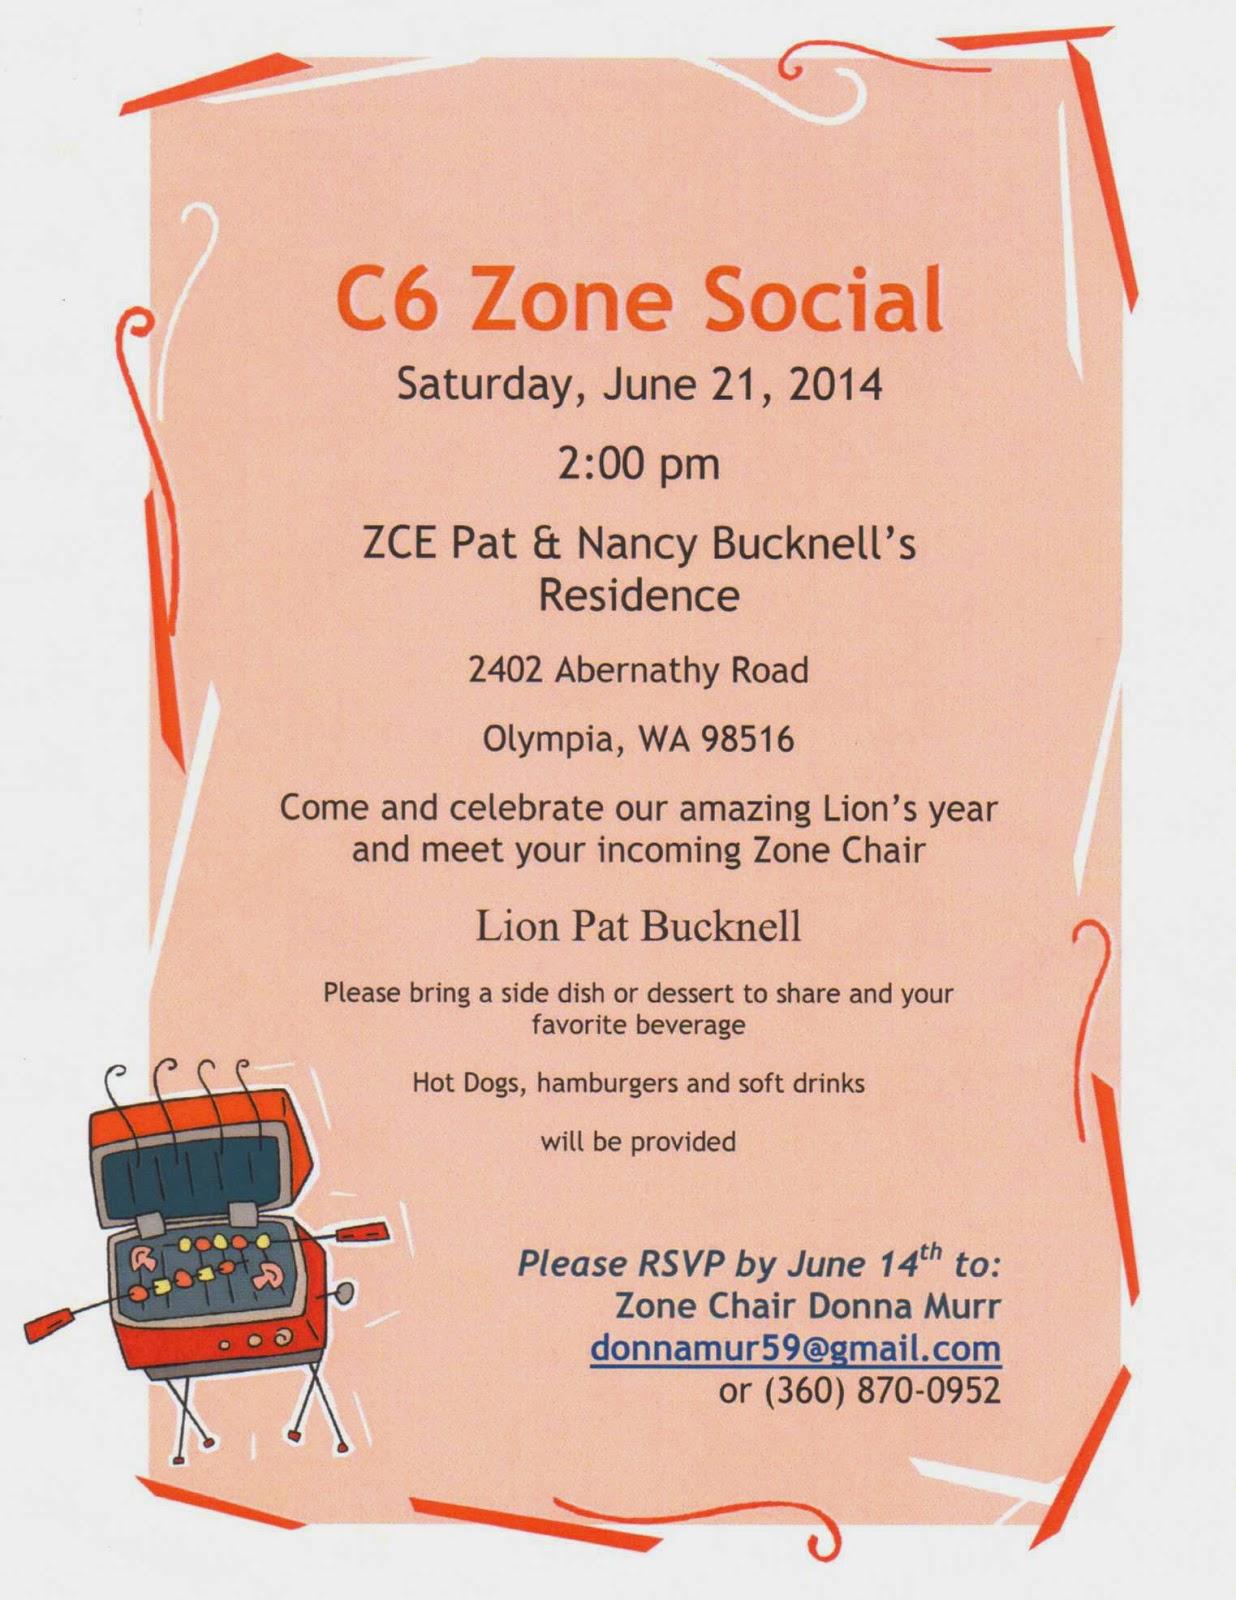 Rainier Lions Club C6 Zone Social June 21 2014